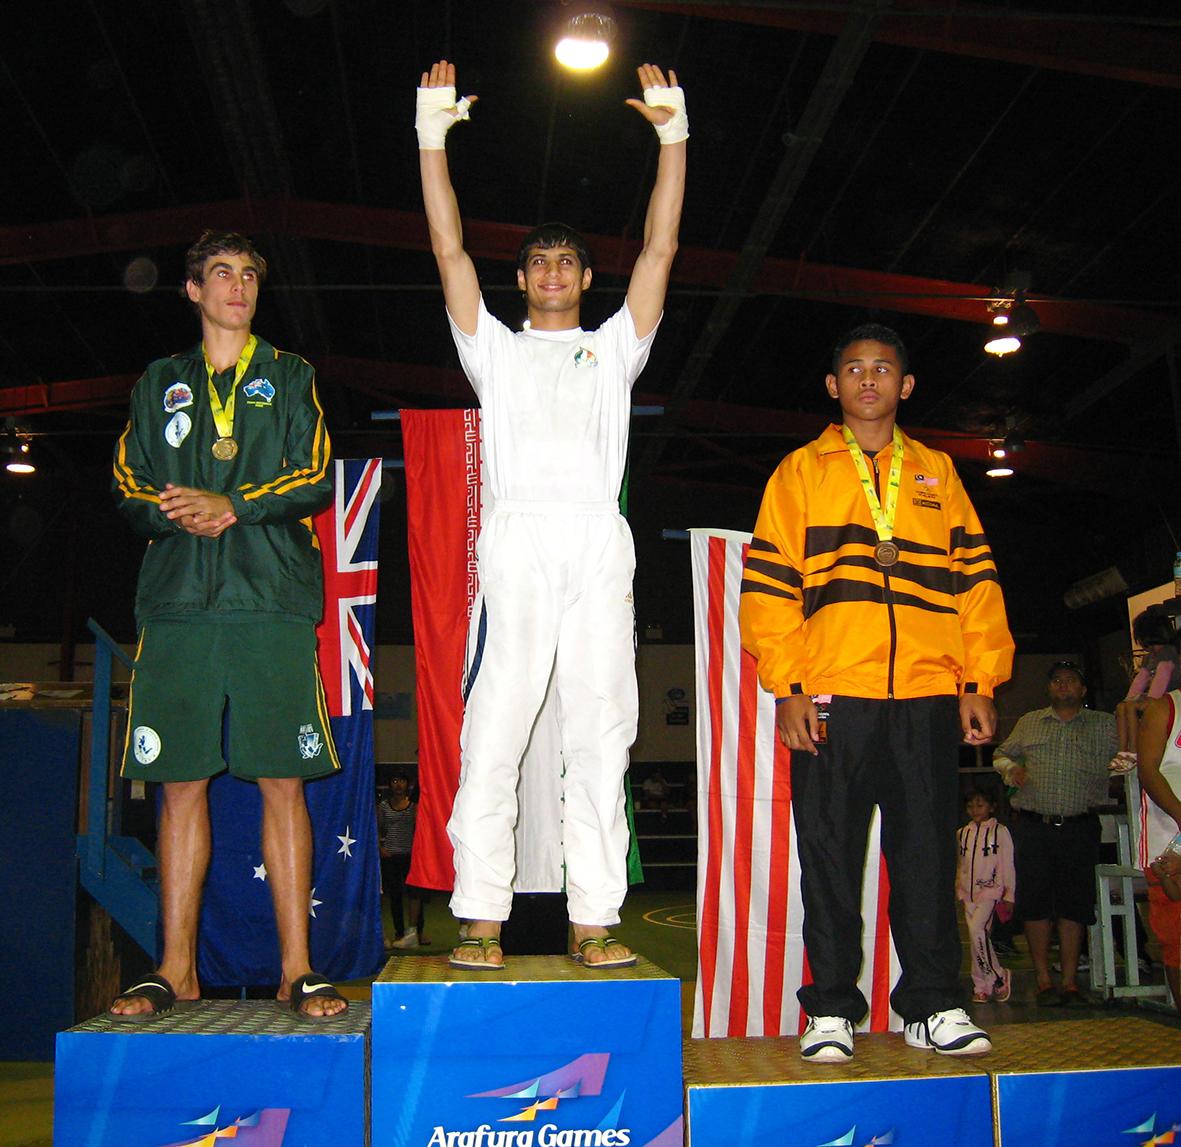 Arafura Games, Darwin 2009